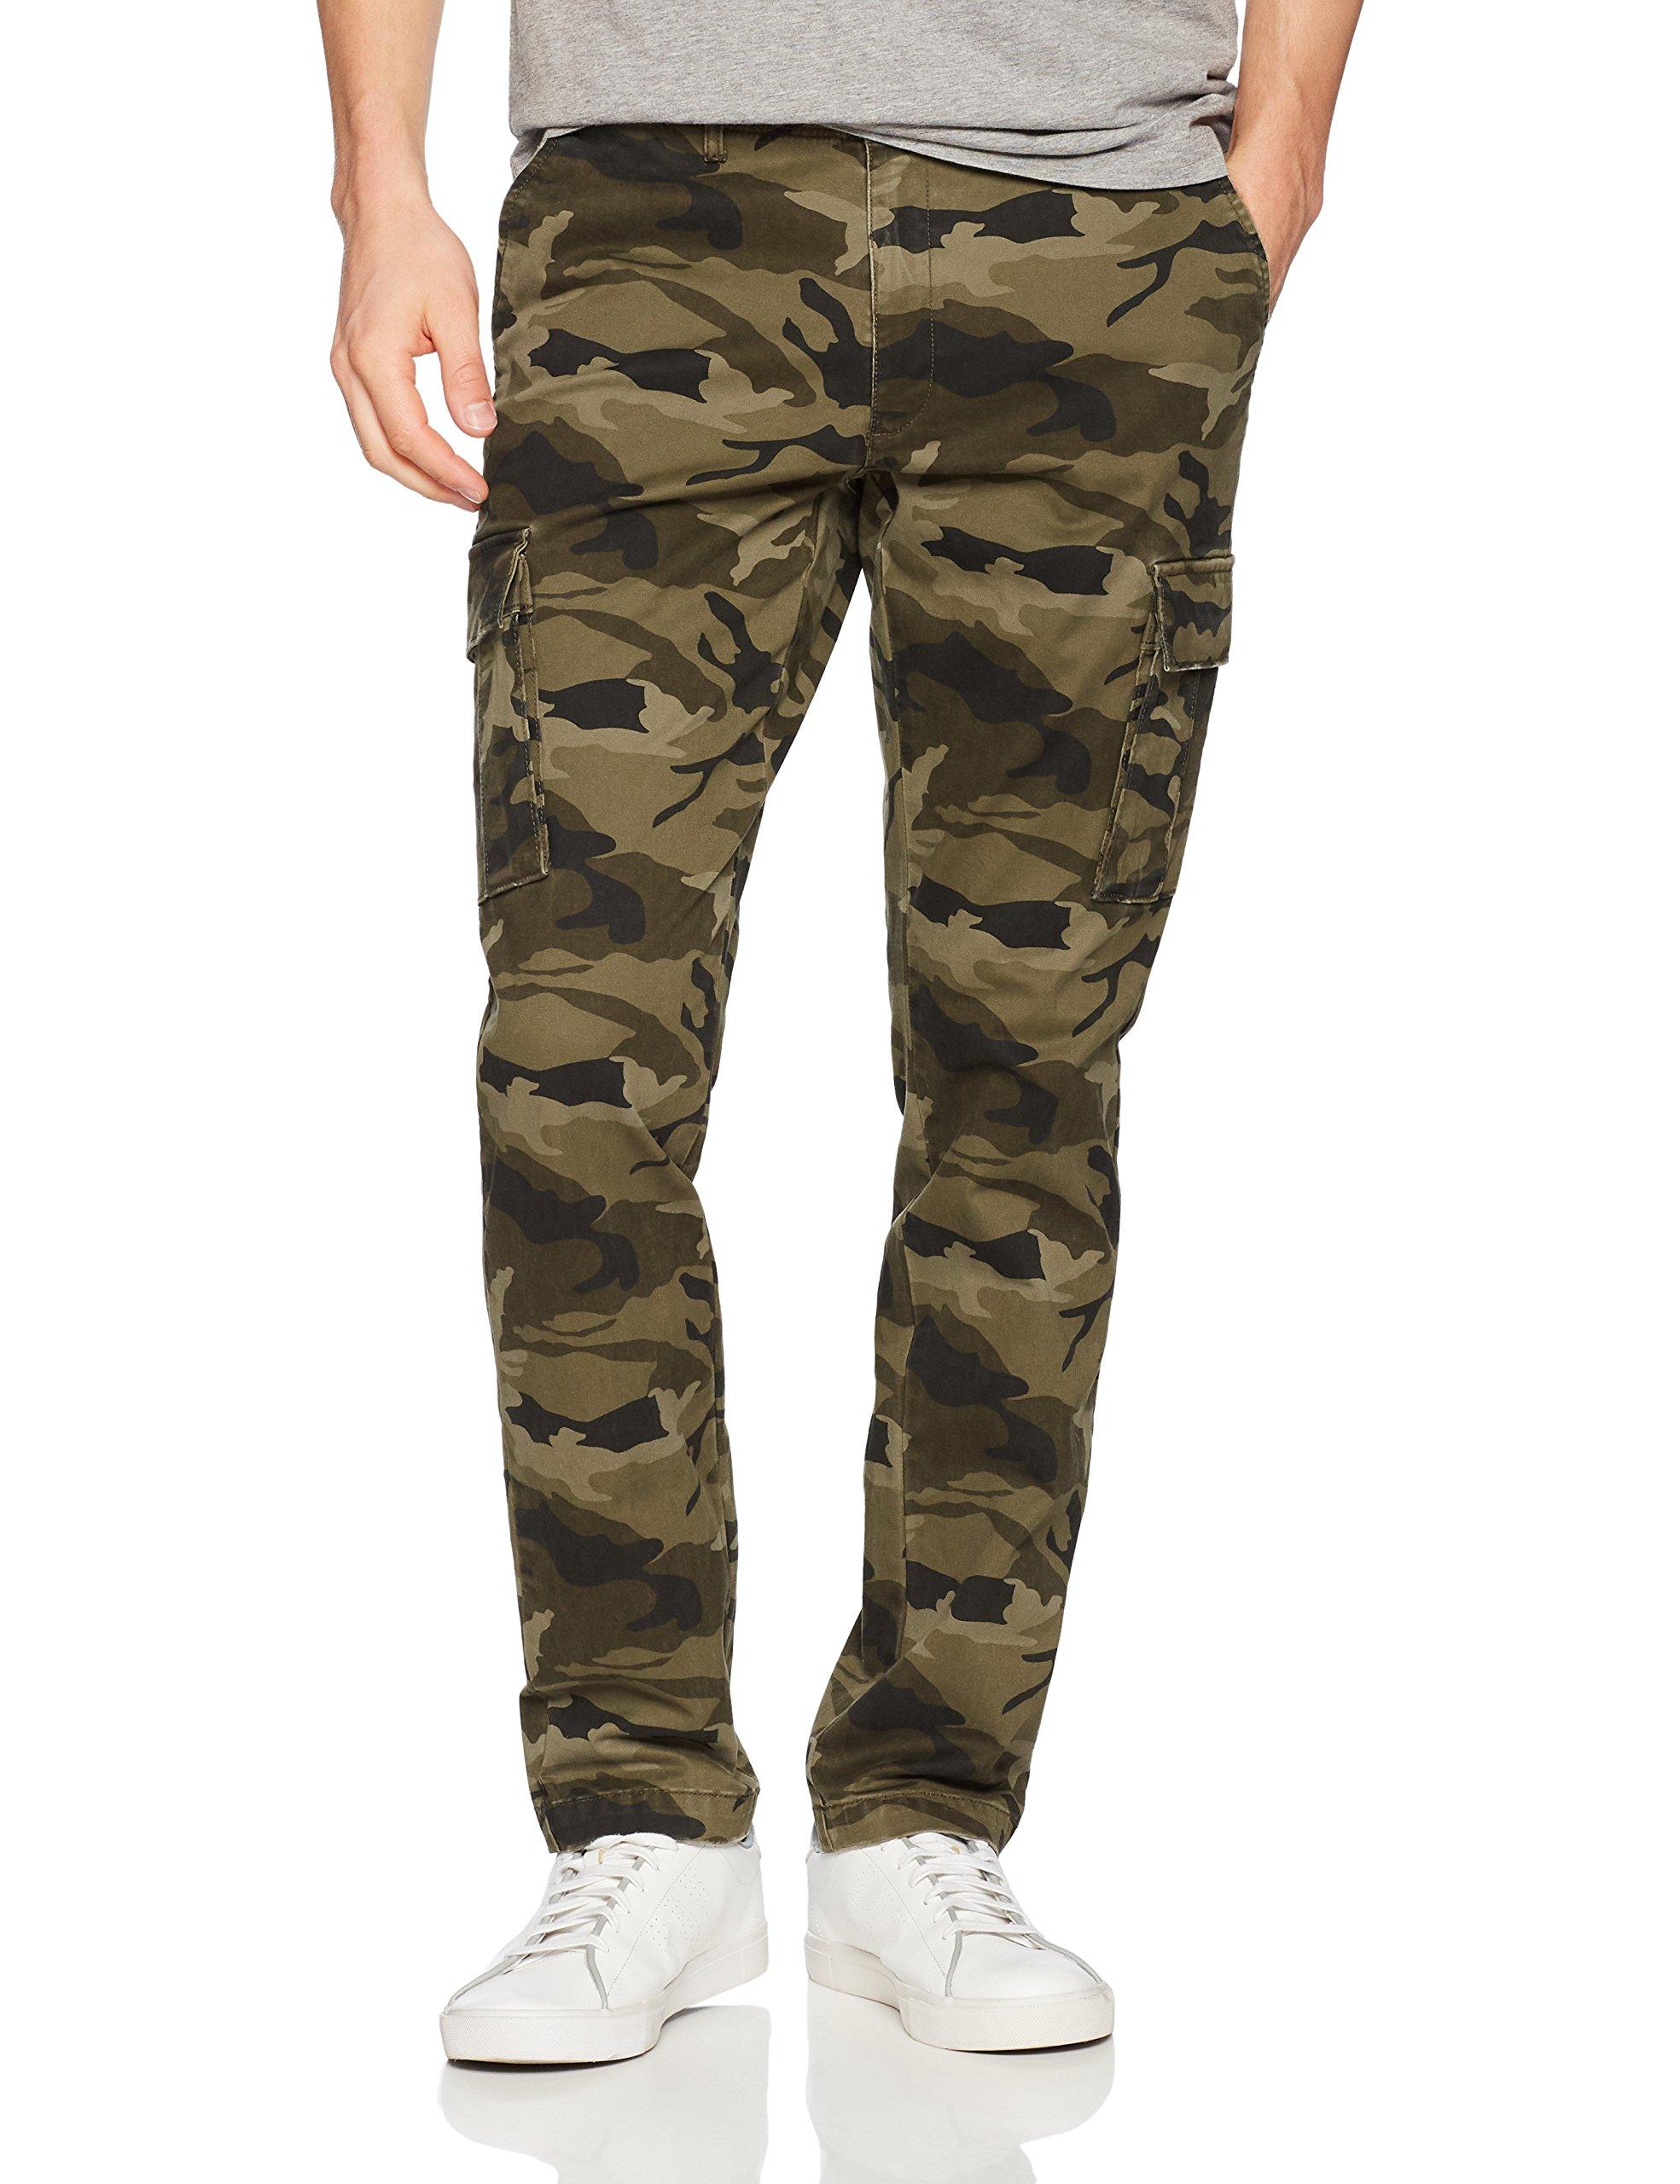 Goodthreads Men's Slim-Fit Vintage Cargo Pant, Camo, 35W x 32L